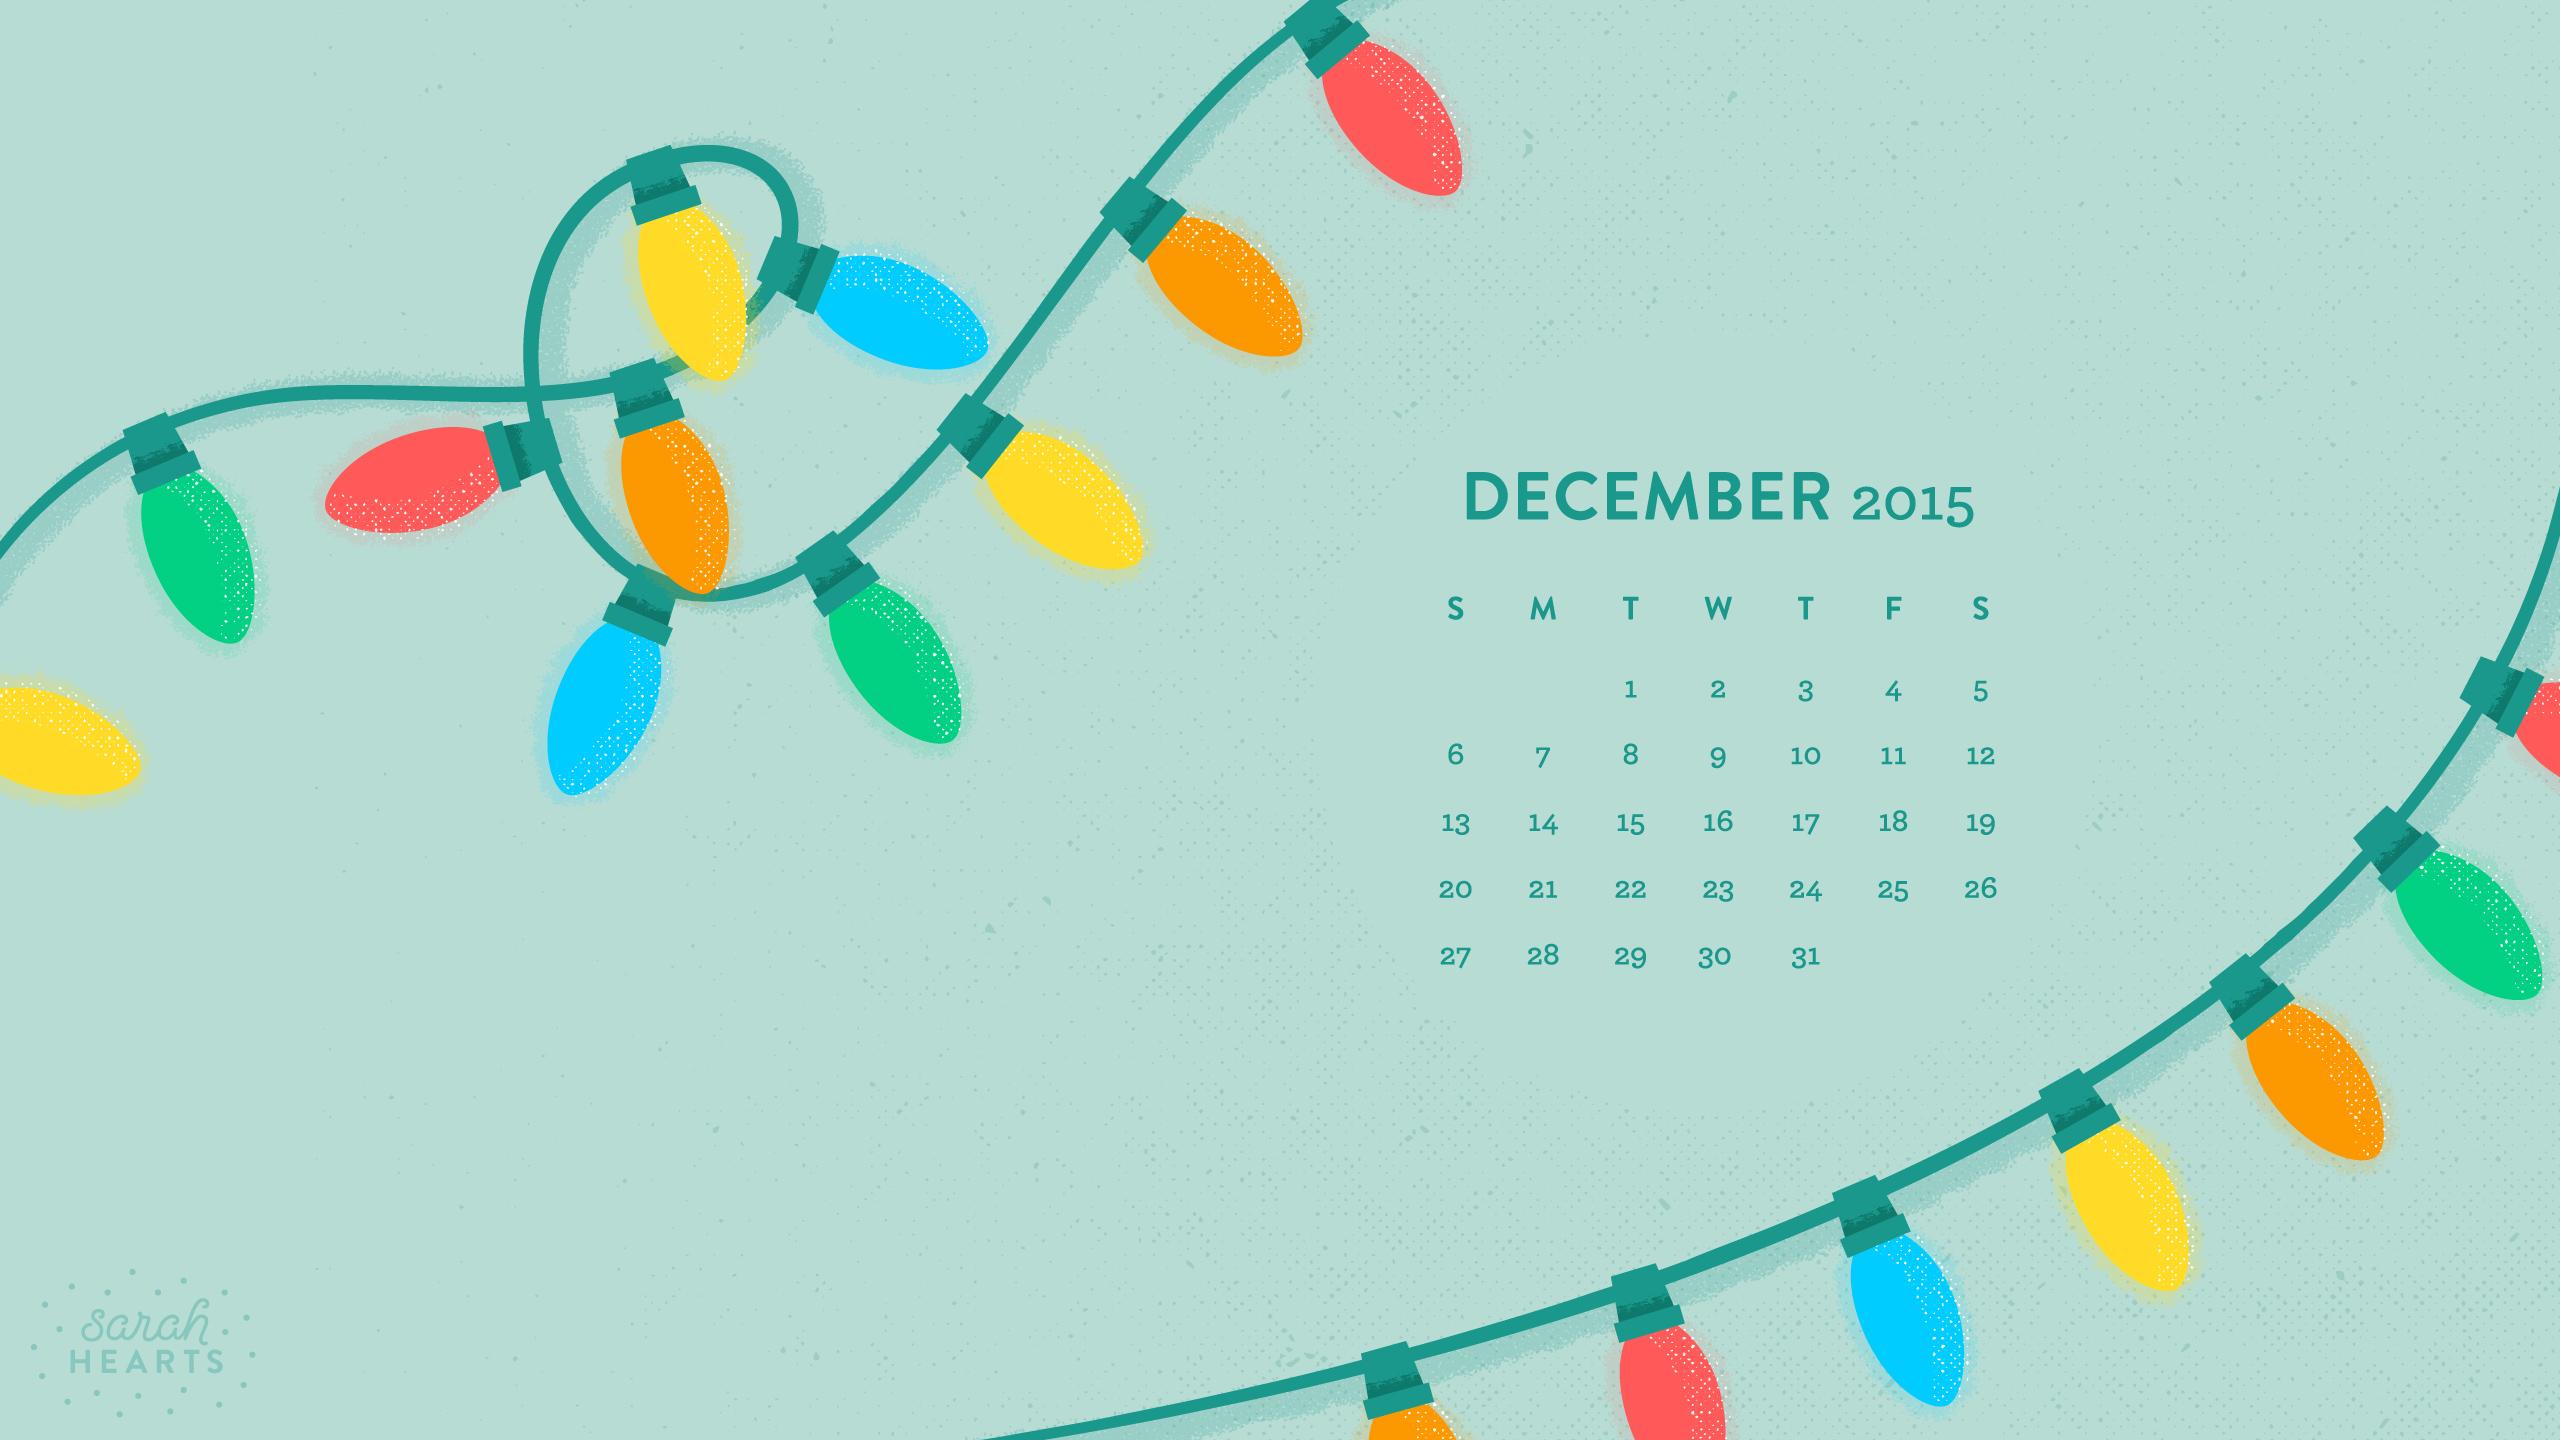 Most Inspiring Wallpaper Macbook Quote - december2015-calendar-computer  2018_282930.jpg